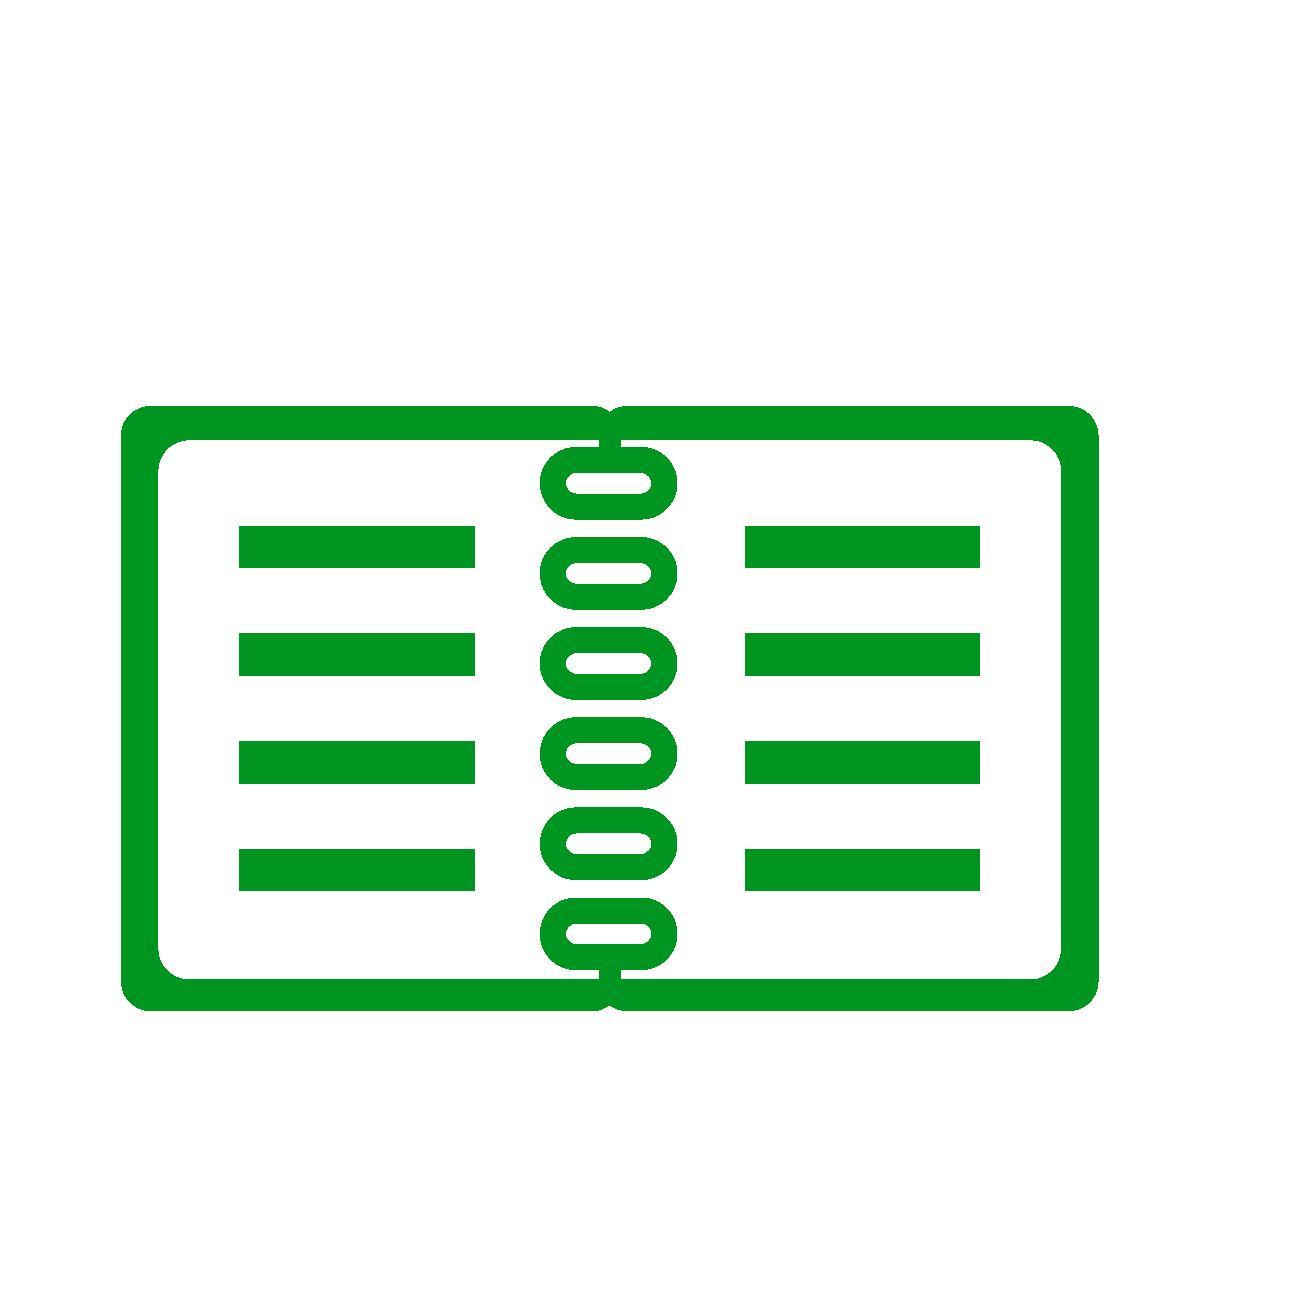 スケジュール帳(緑)